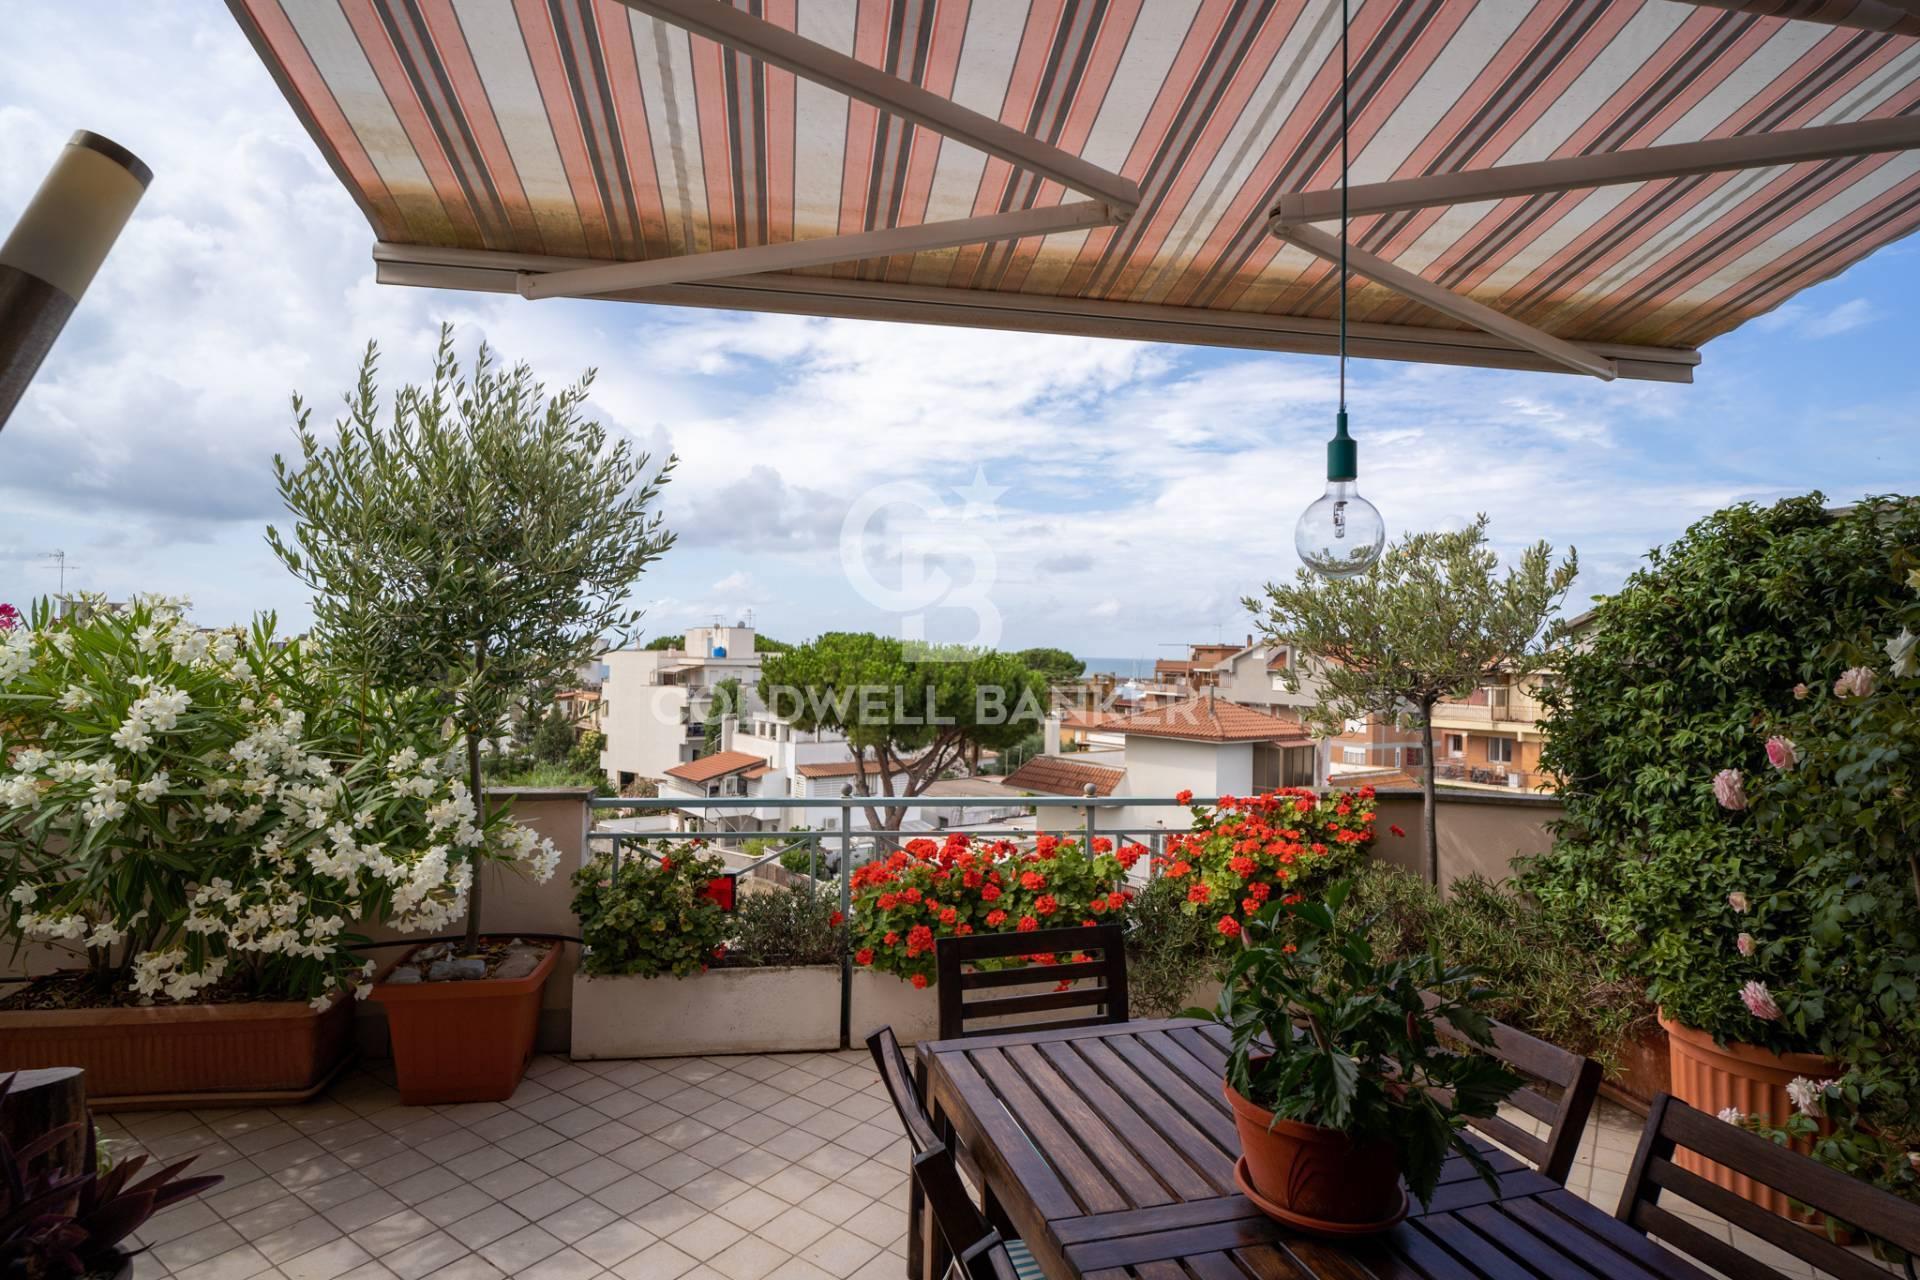 Attico / Mansarda in vendita a Santa Marinella, 4 locali, zona Località: Centro, prezzo € 320.000 | CambioCasa.it